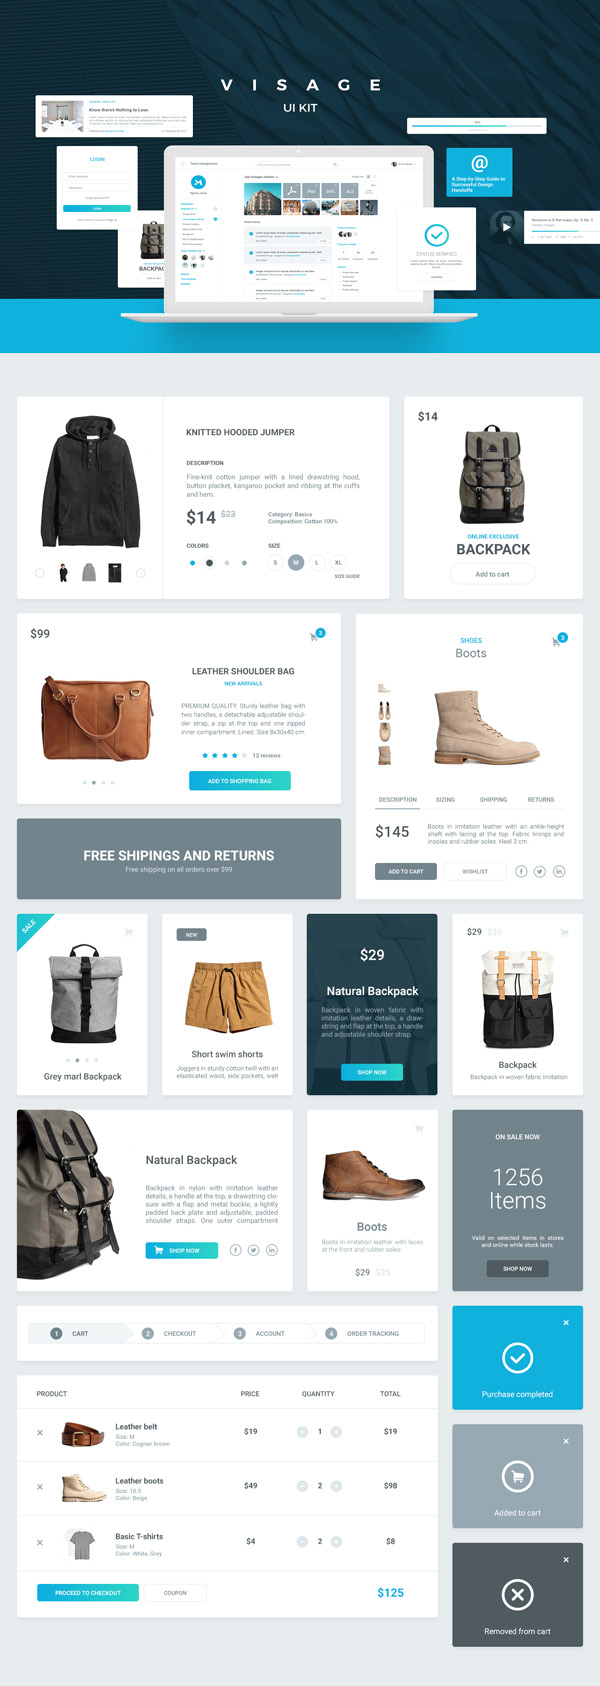 Visage | Free UI Kit | 70+ Elements